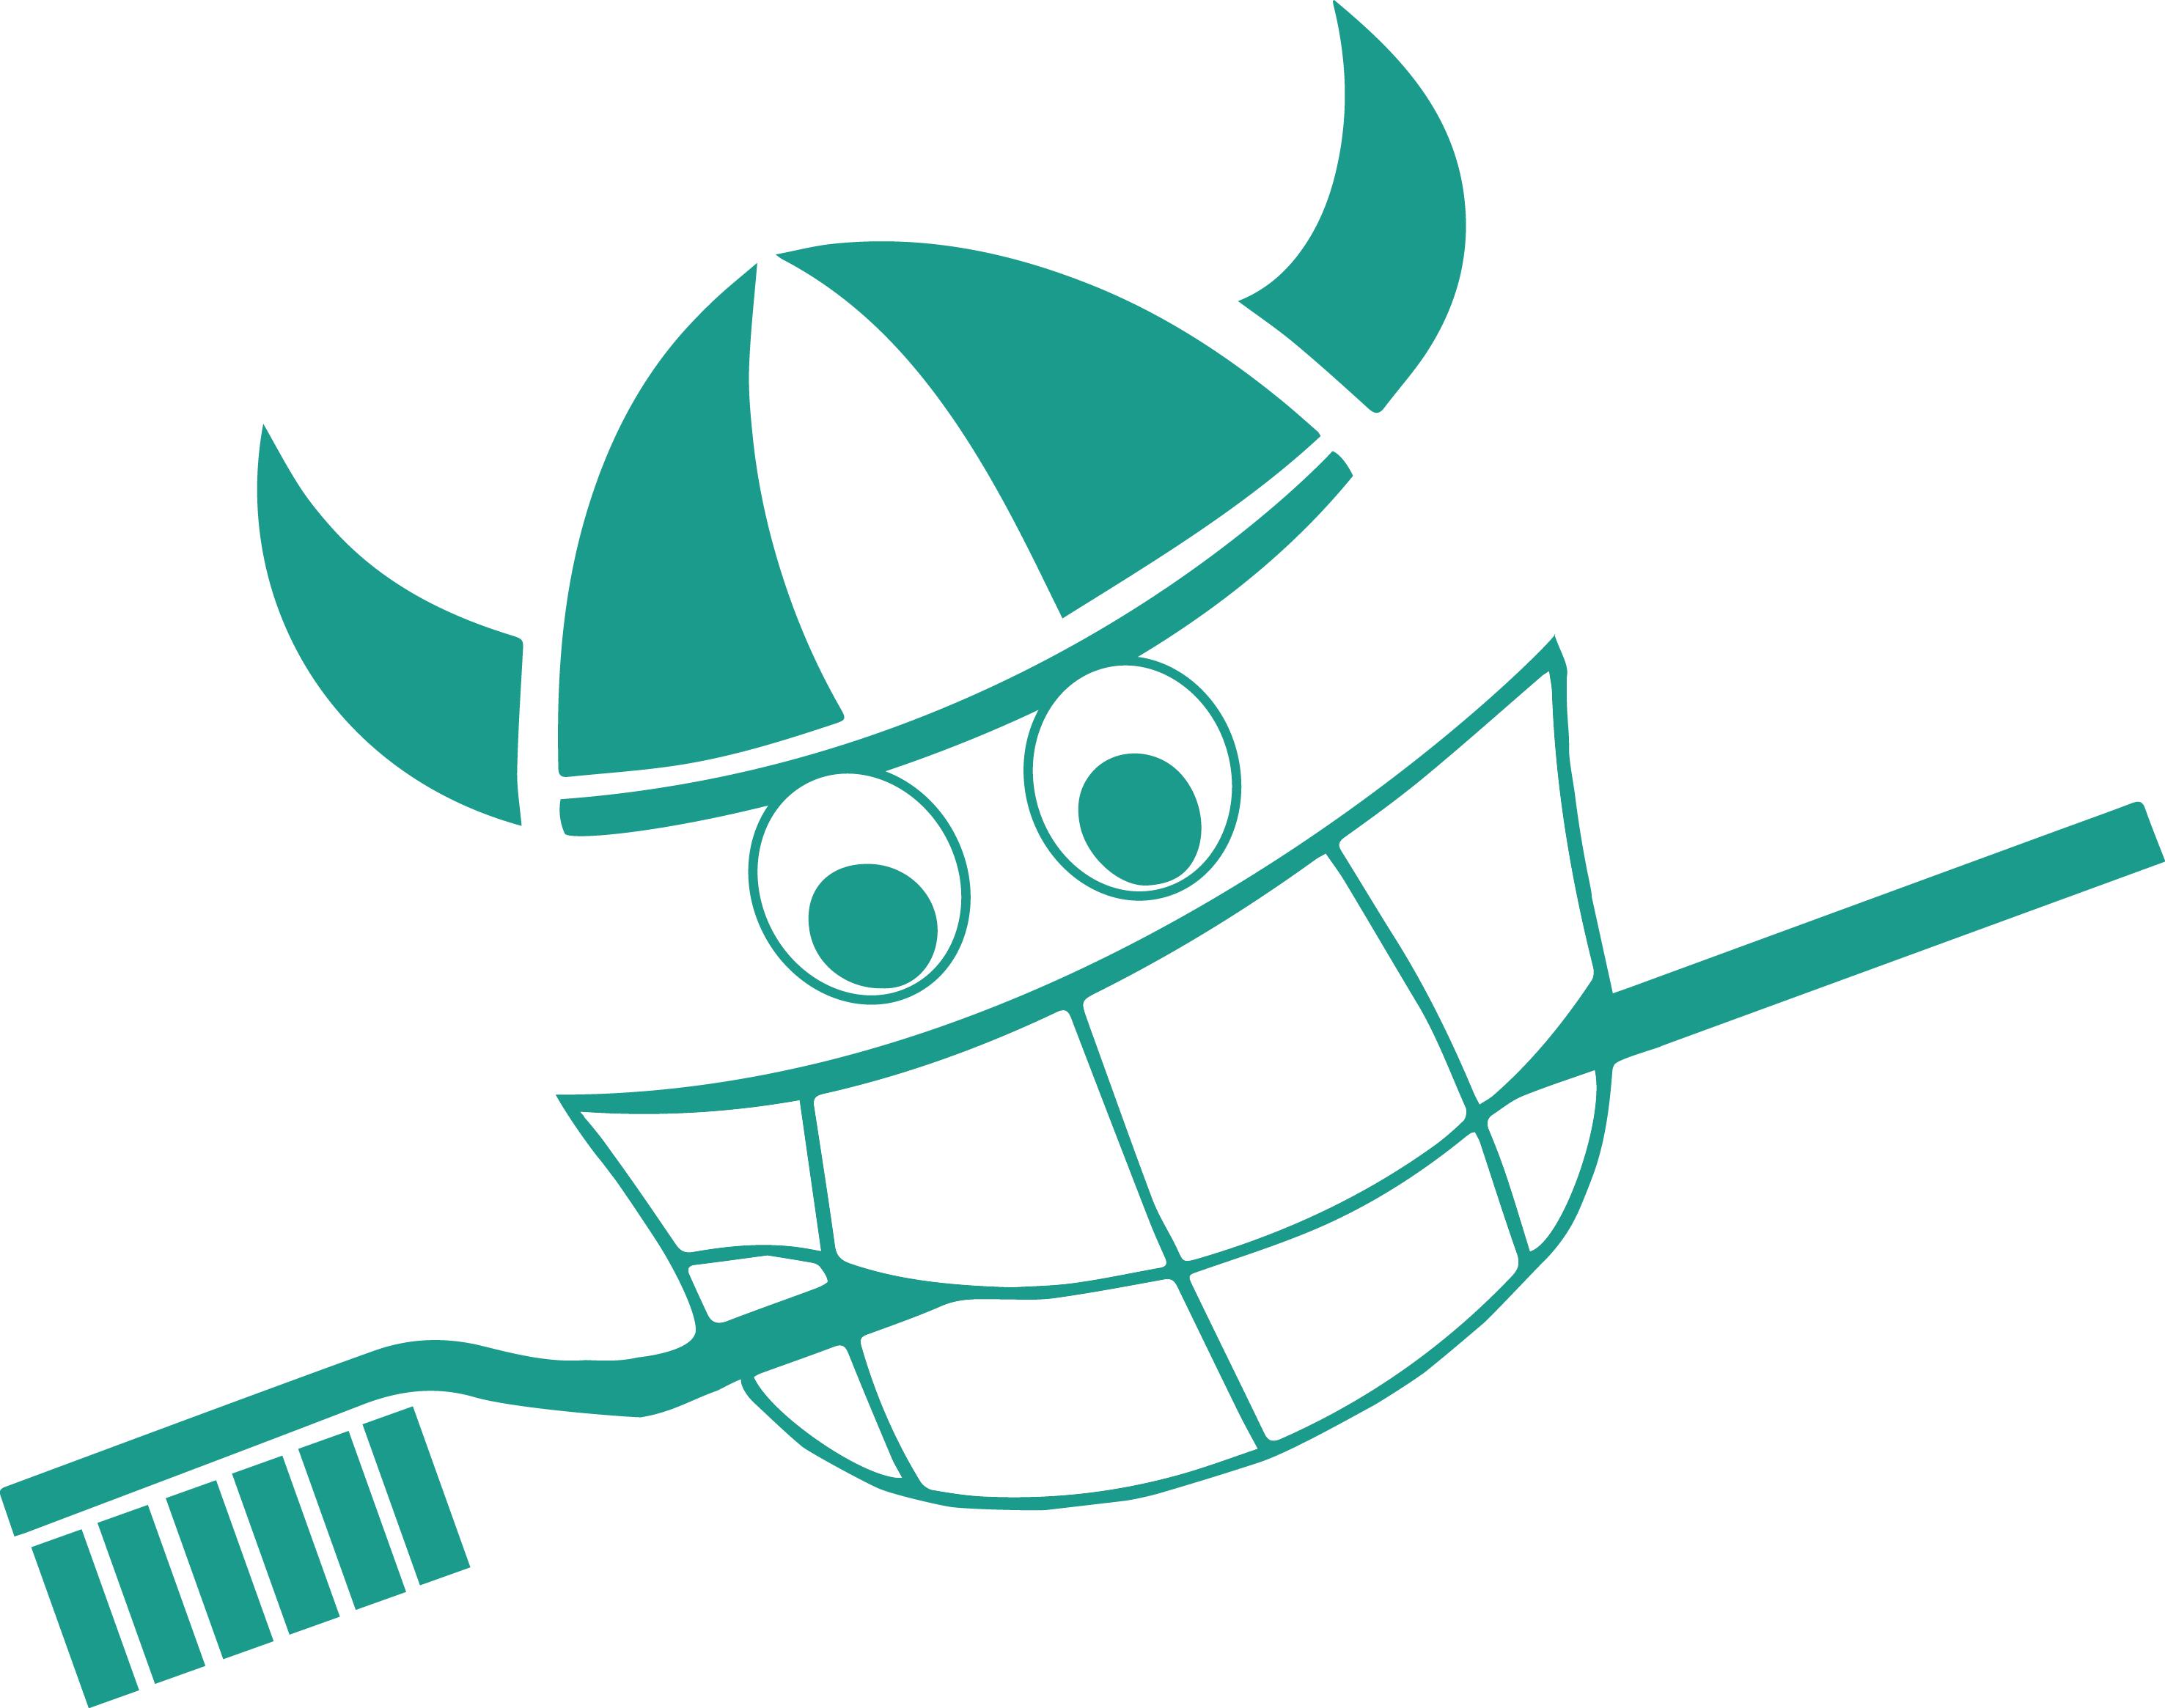 Nyt logo Jels tand